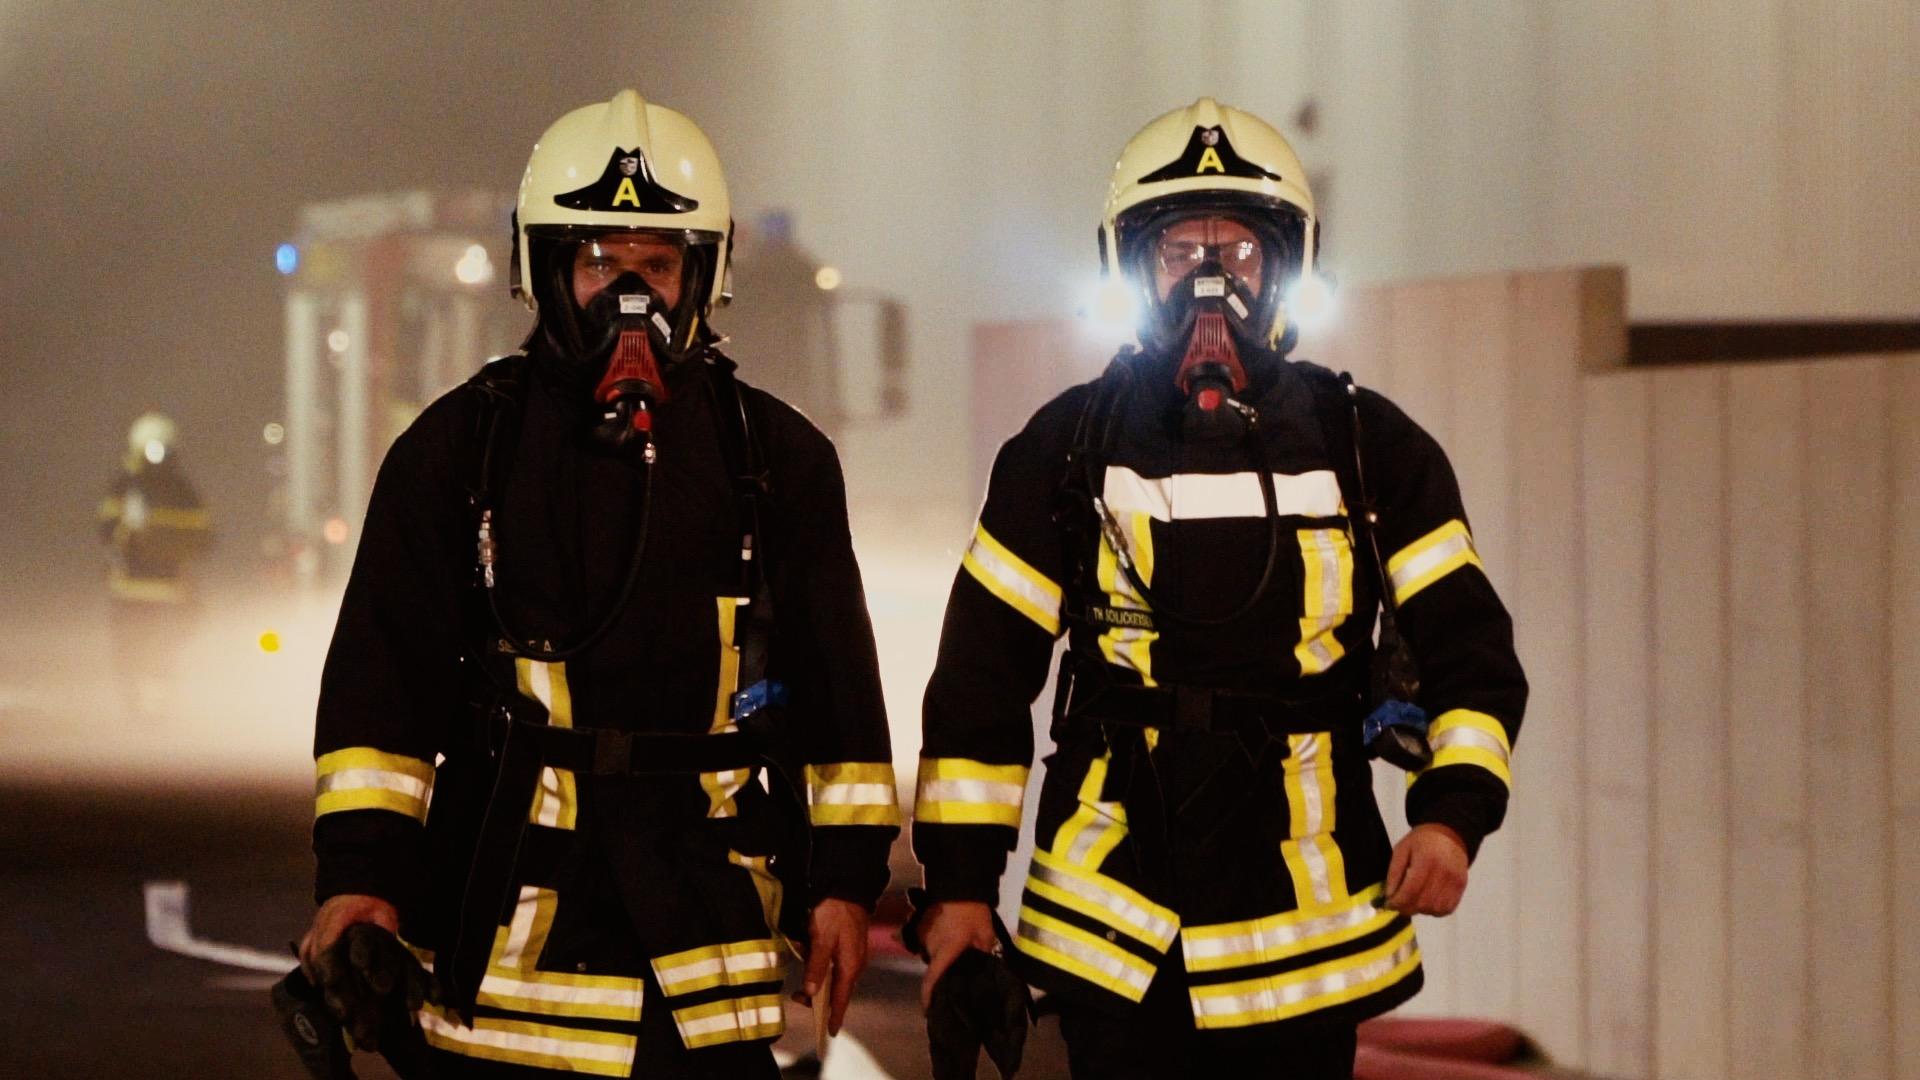 Feuerwehr Film